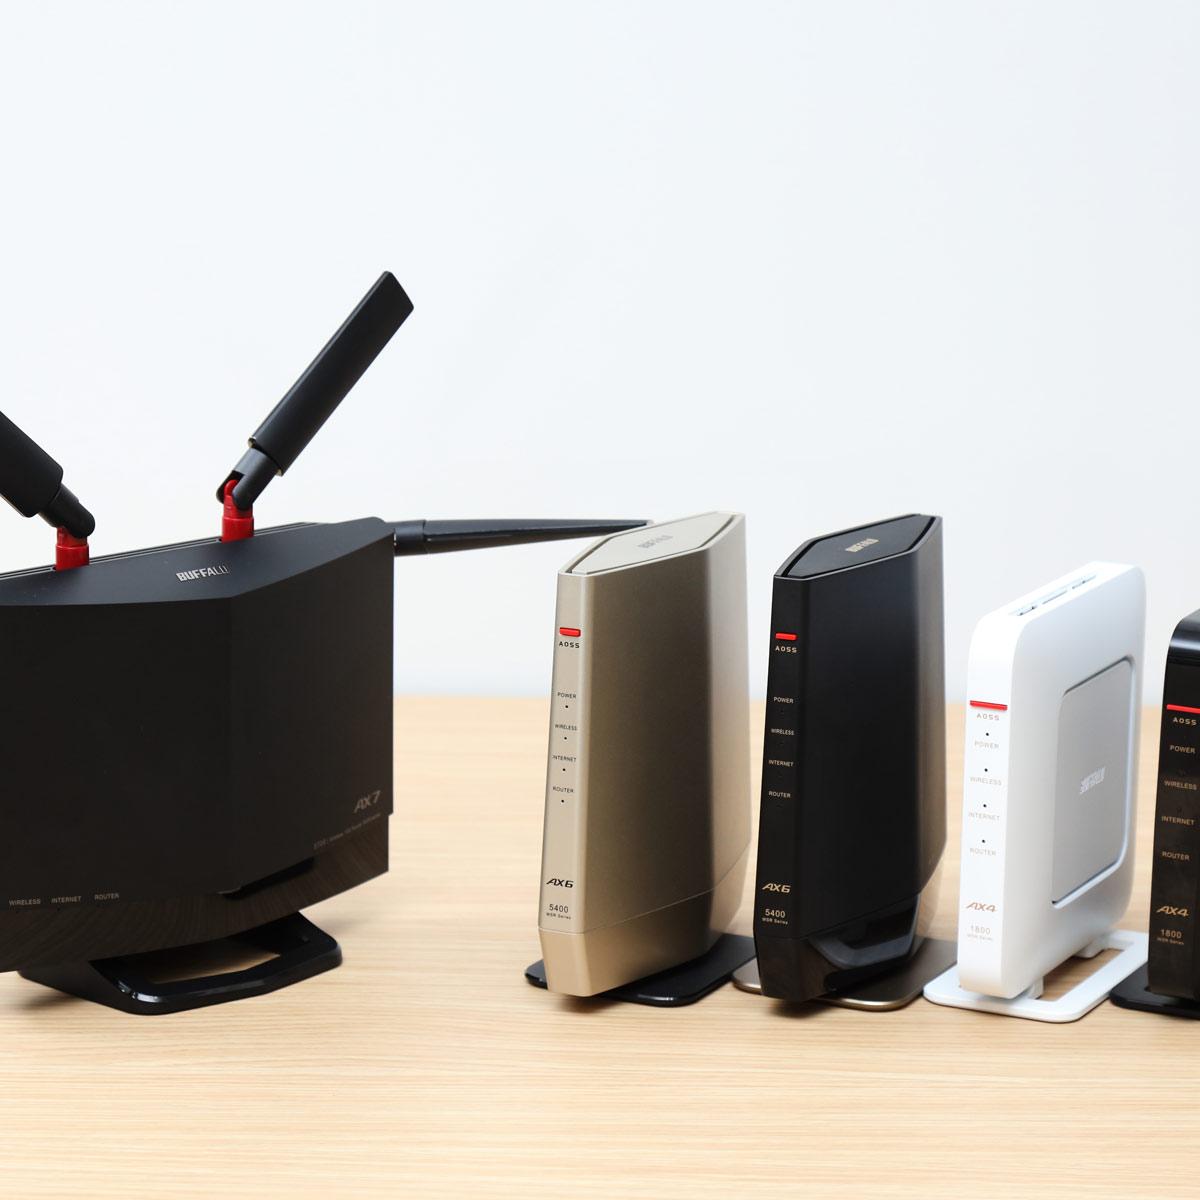 バッファロー、9,000円(税別)の入門機などWi-Fi 6対応の無線LANルーター3モデル発表